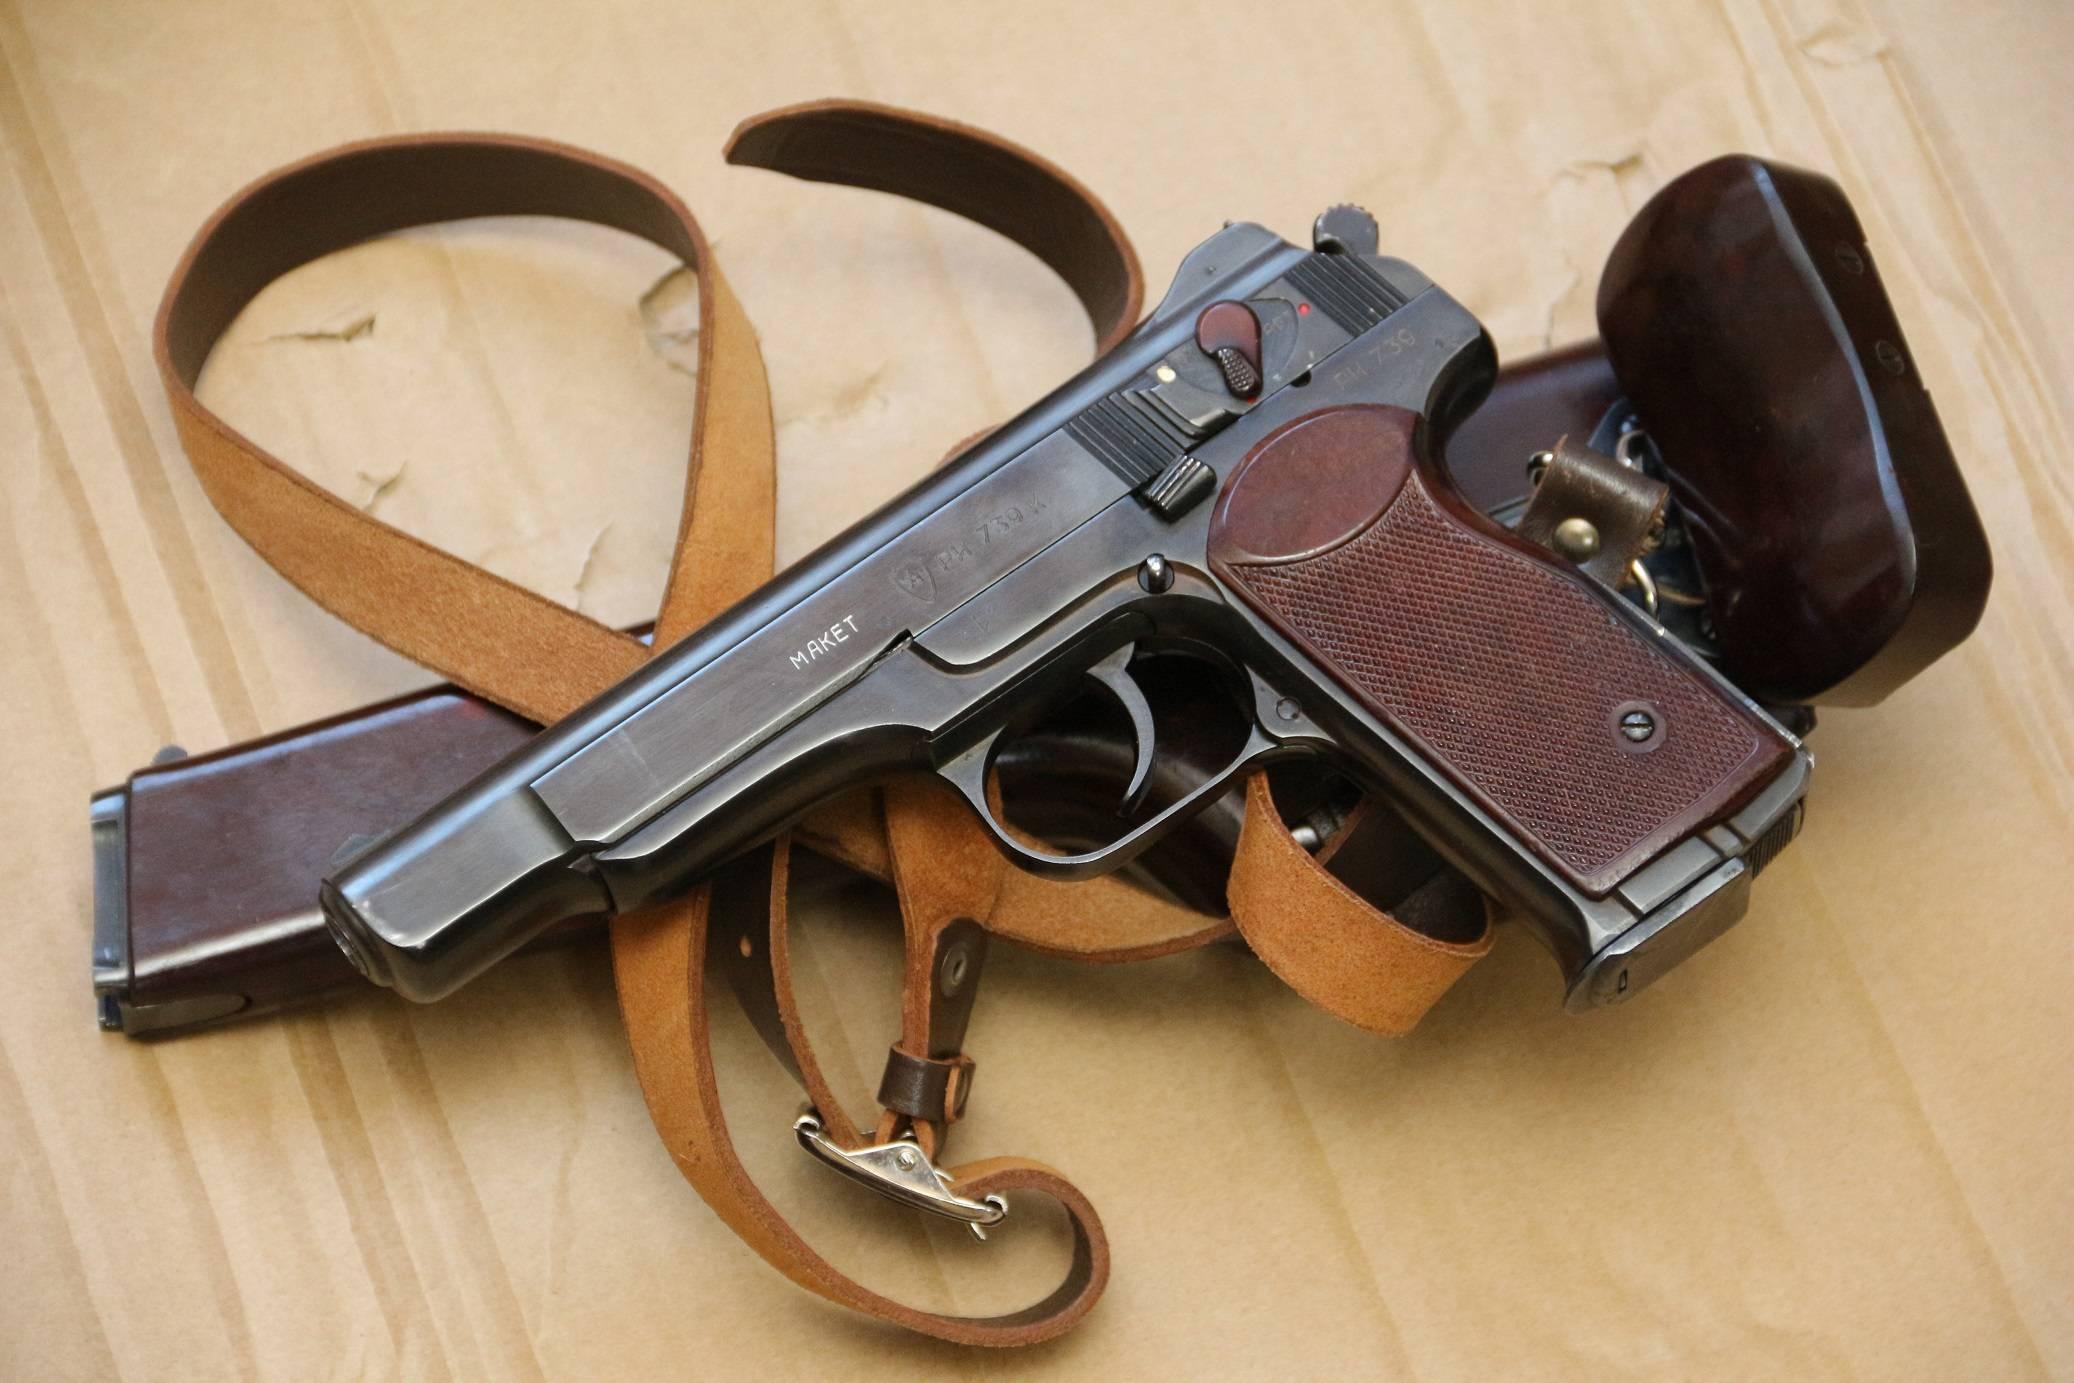 Апс пистолет стечкина ттх. фото. видео. размеры. скорость пули. прицельная дальность. вес